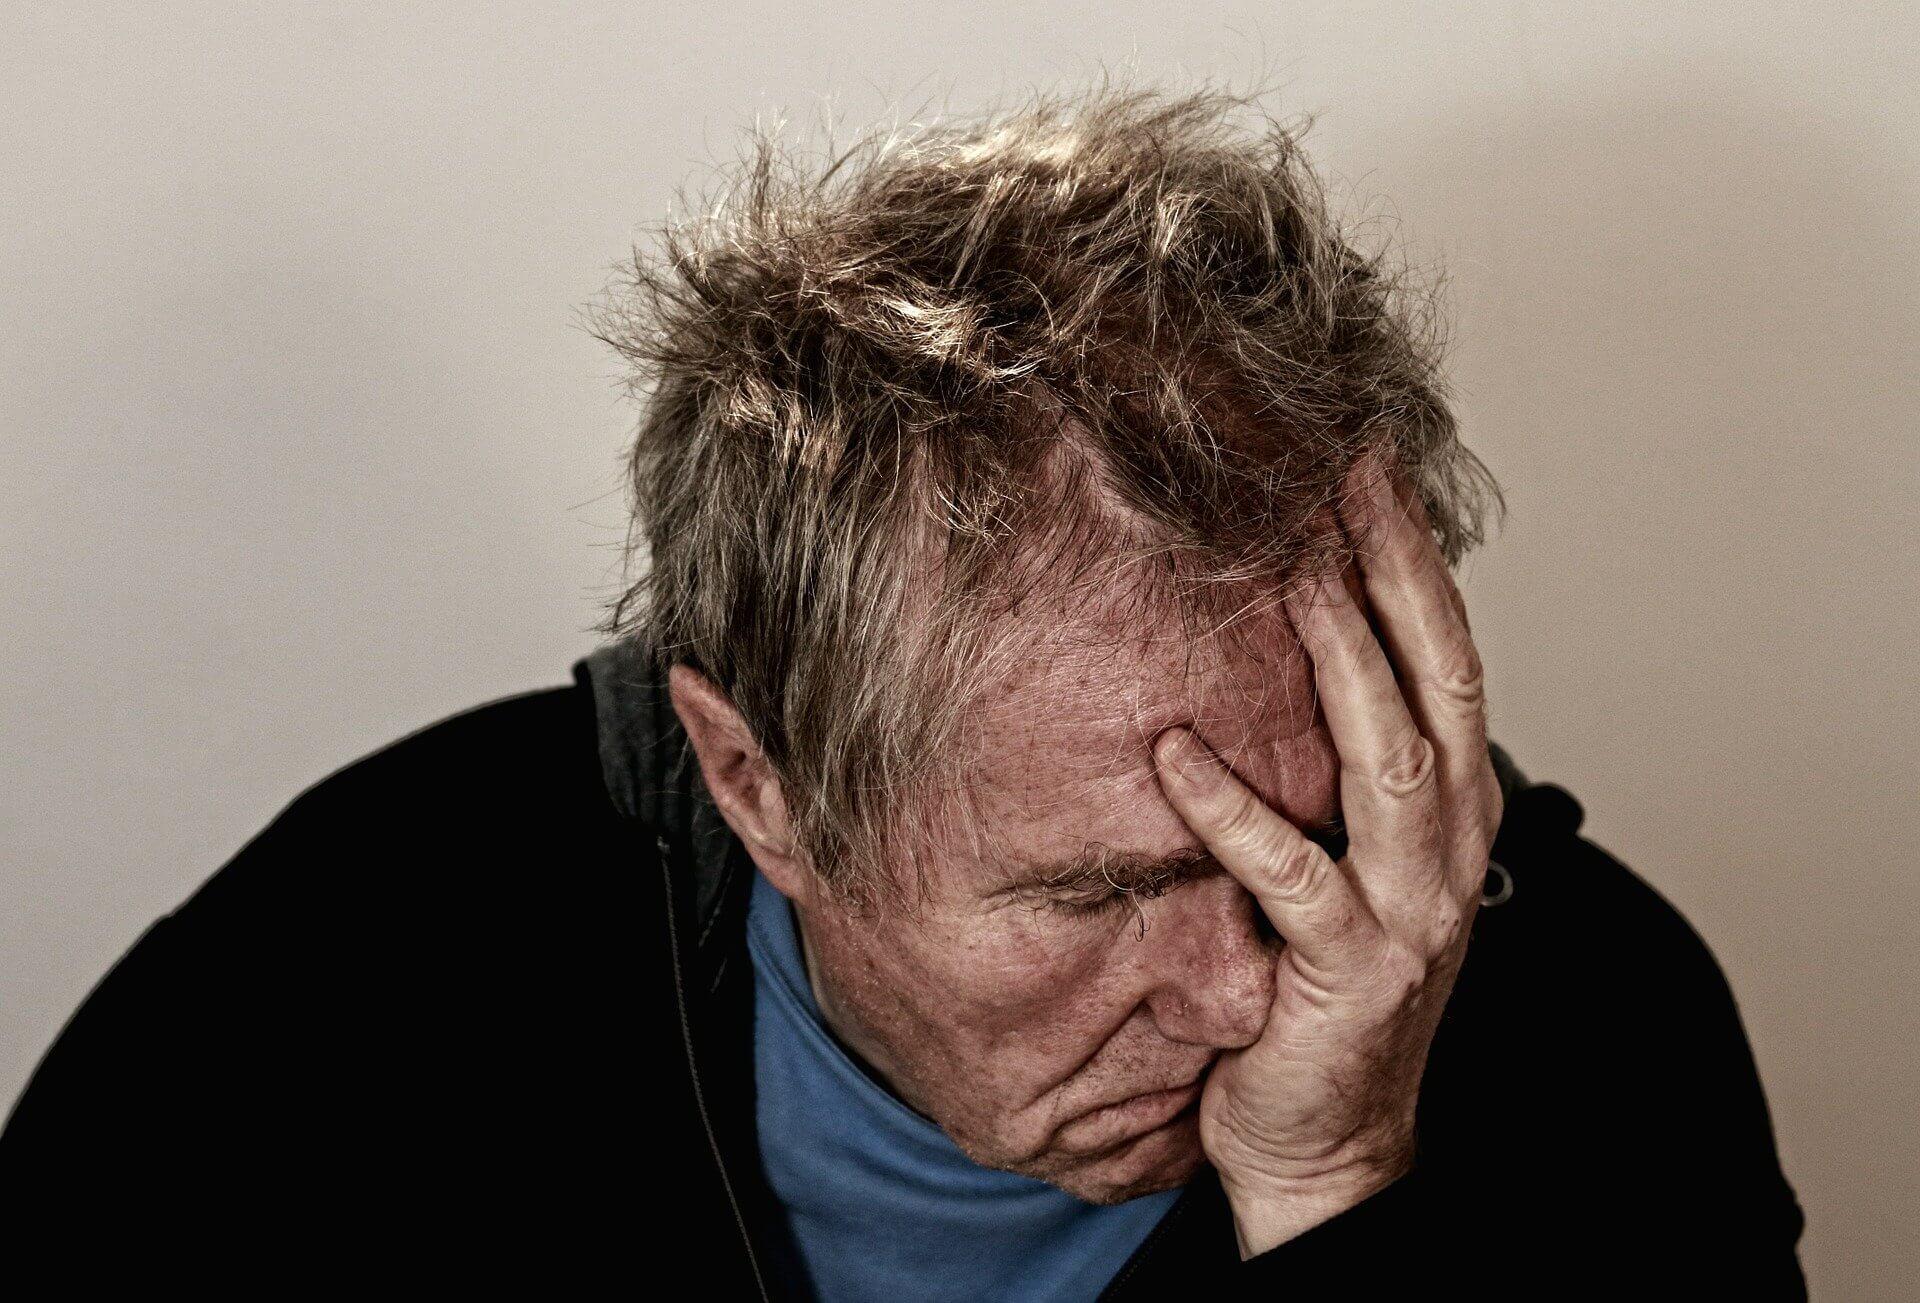 Heilpraxis Eisenschmidt: Migräne